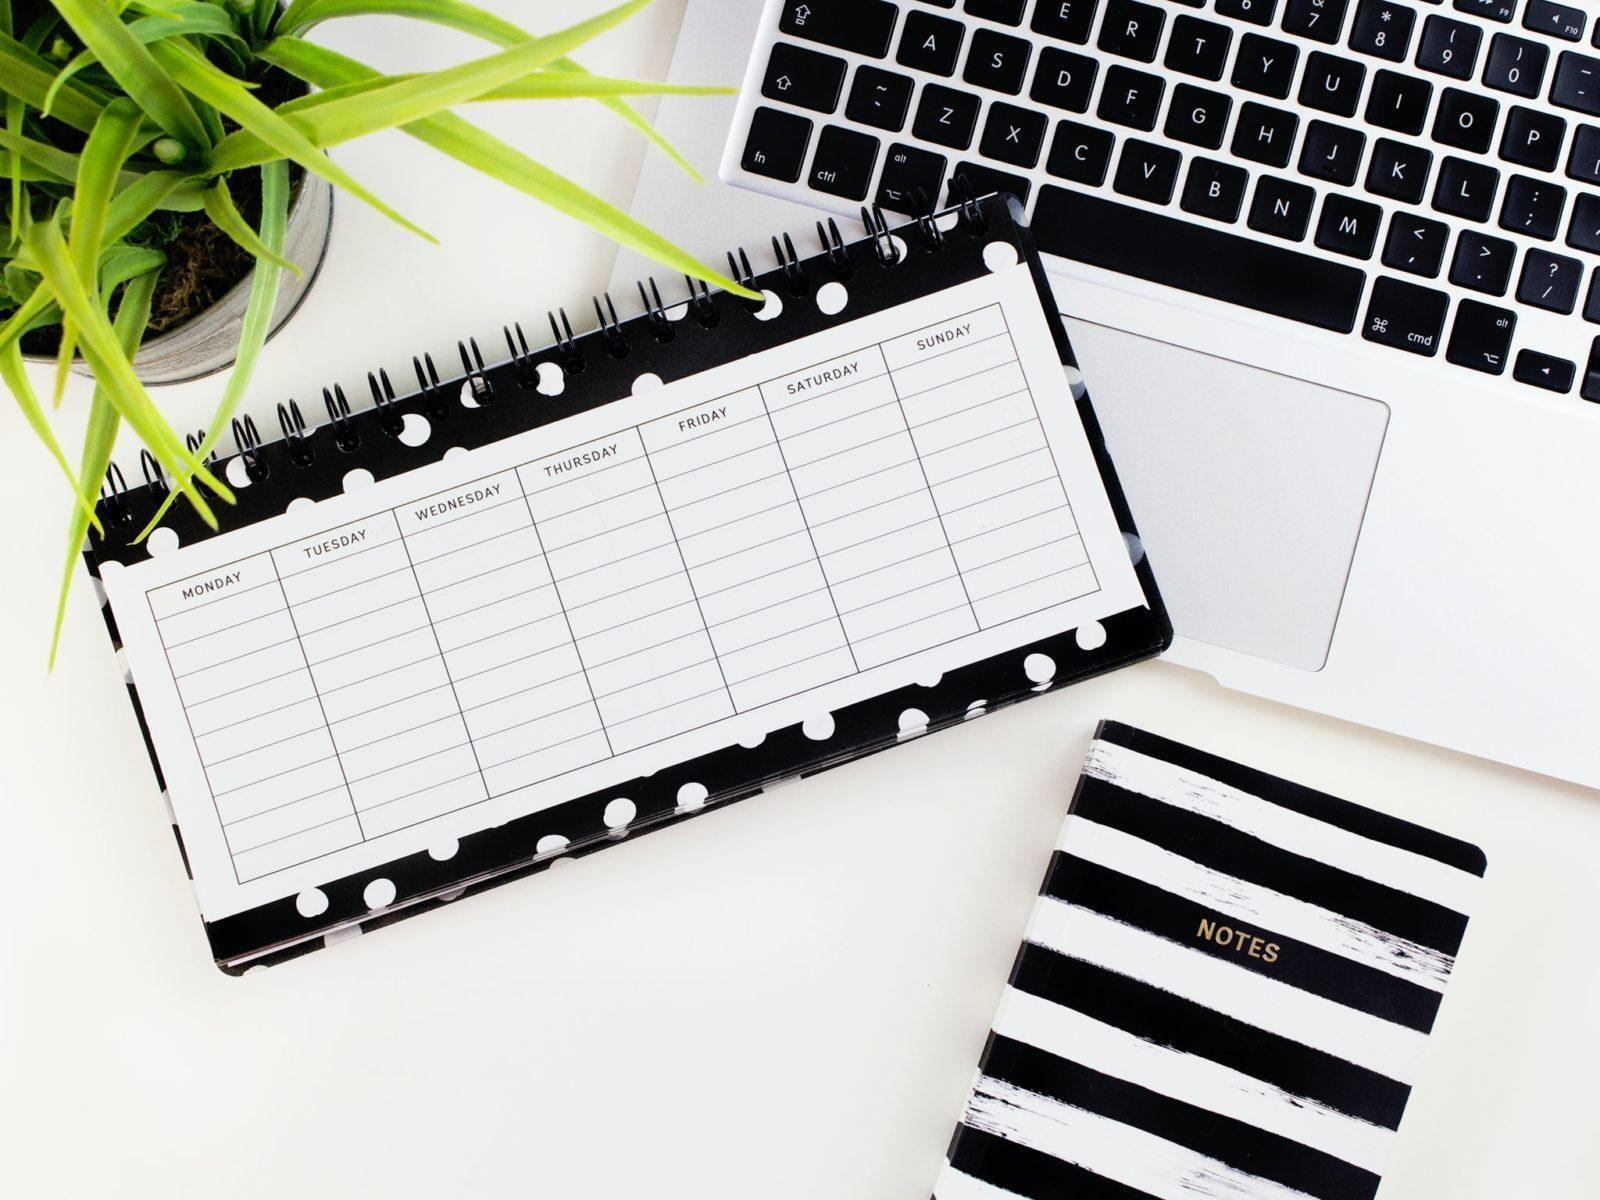 App per tornare al lavoro - organizzare il lavoro